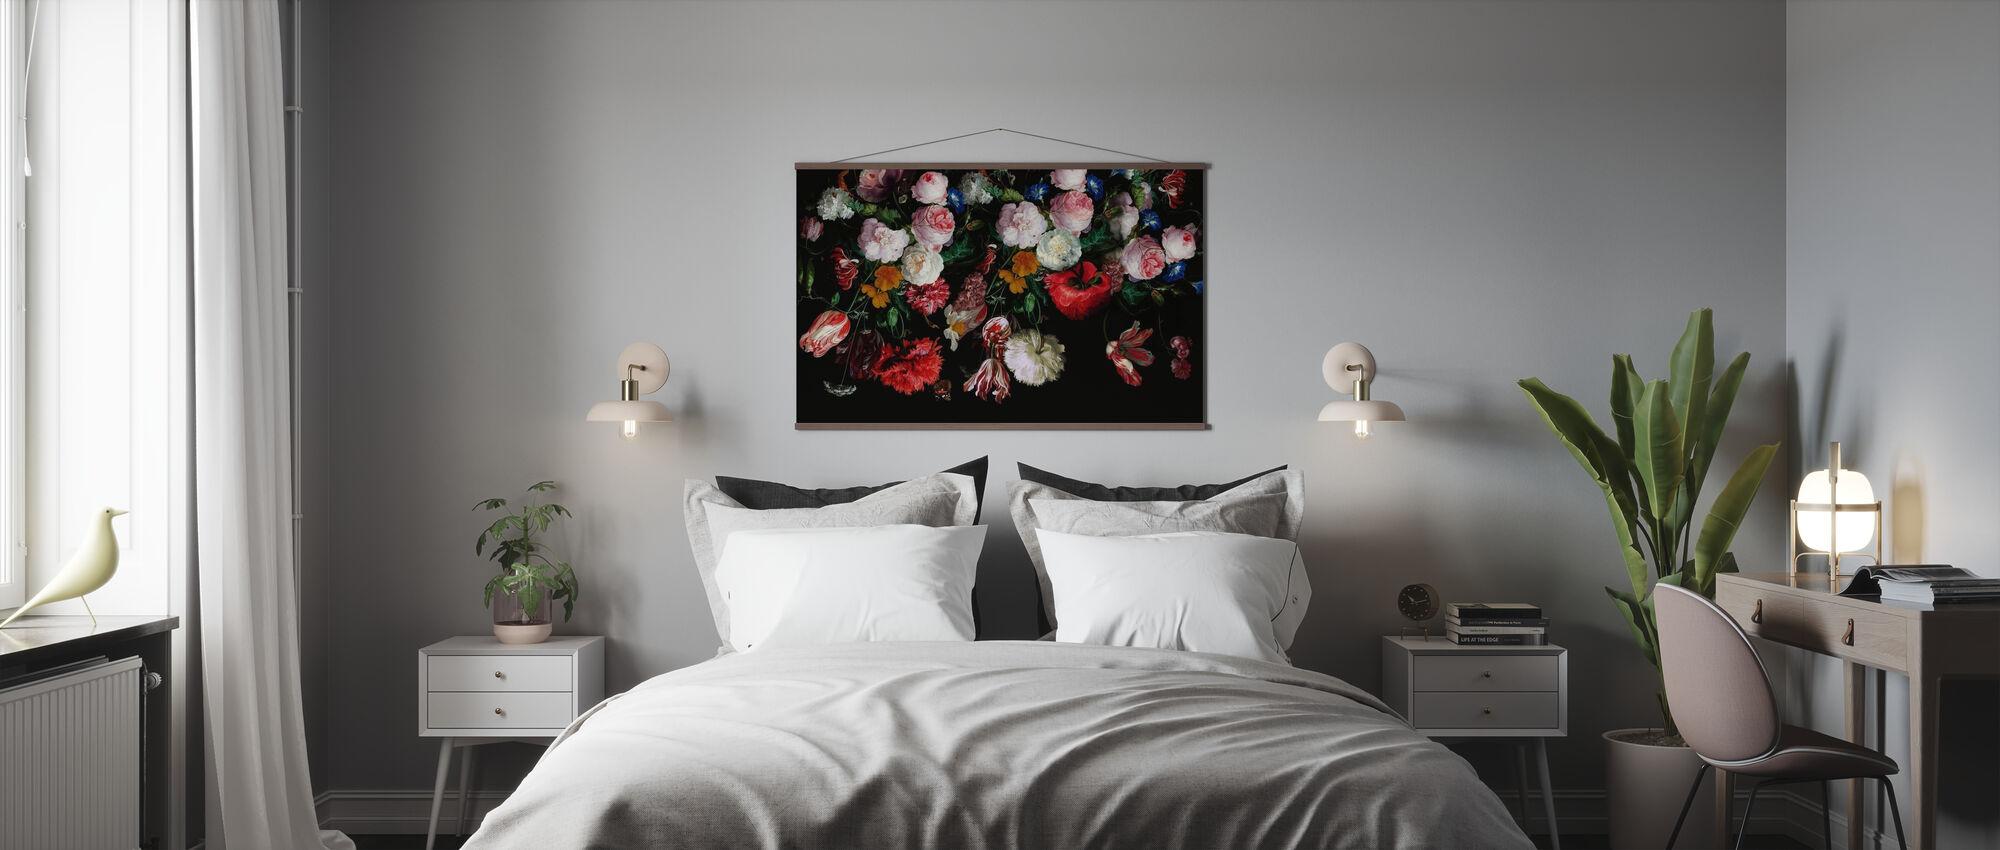 Kleurrijke bloemen op zwarte achtergrond - Poster - Slaapkamer